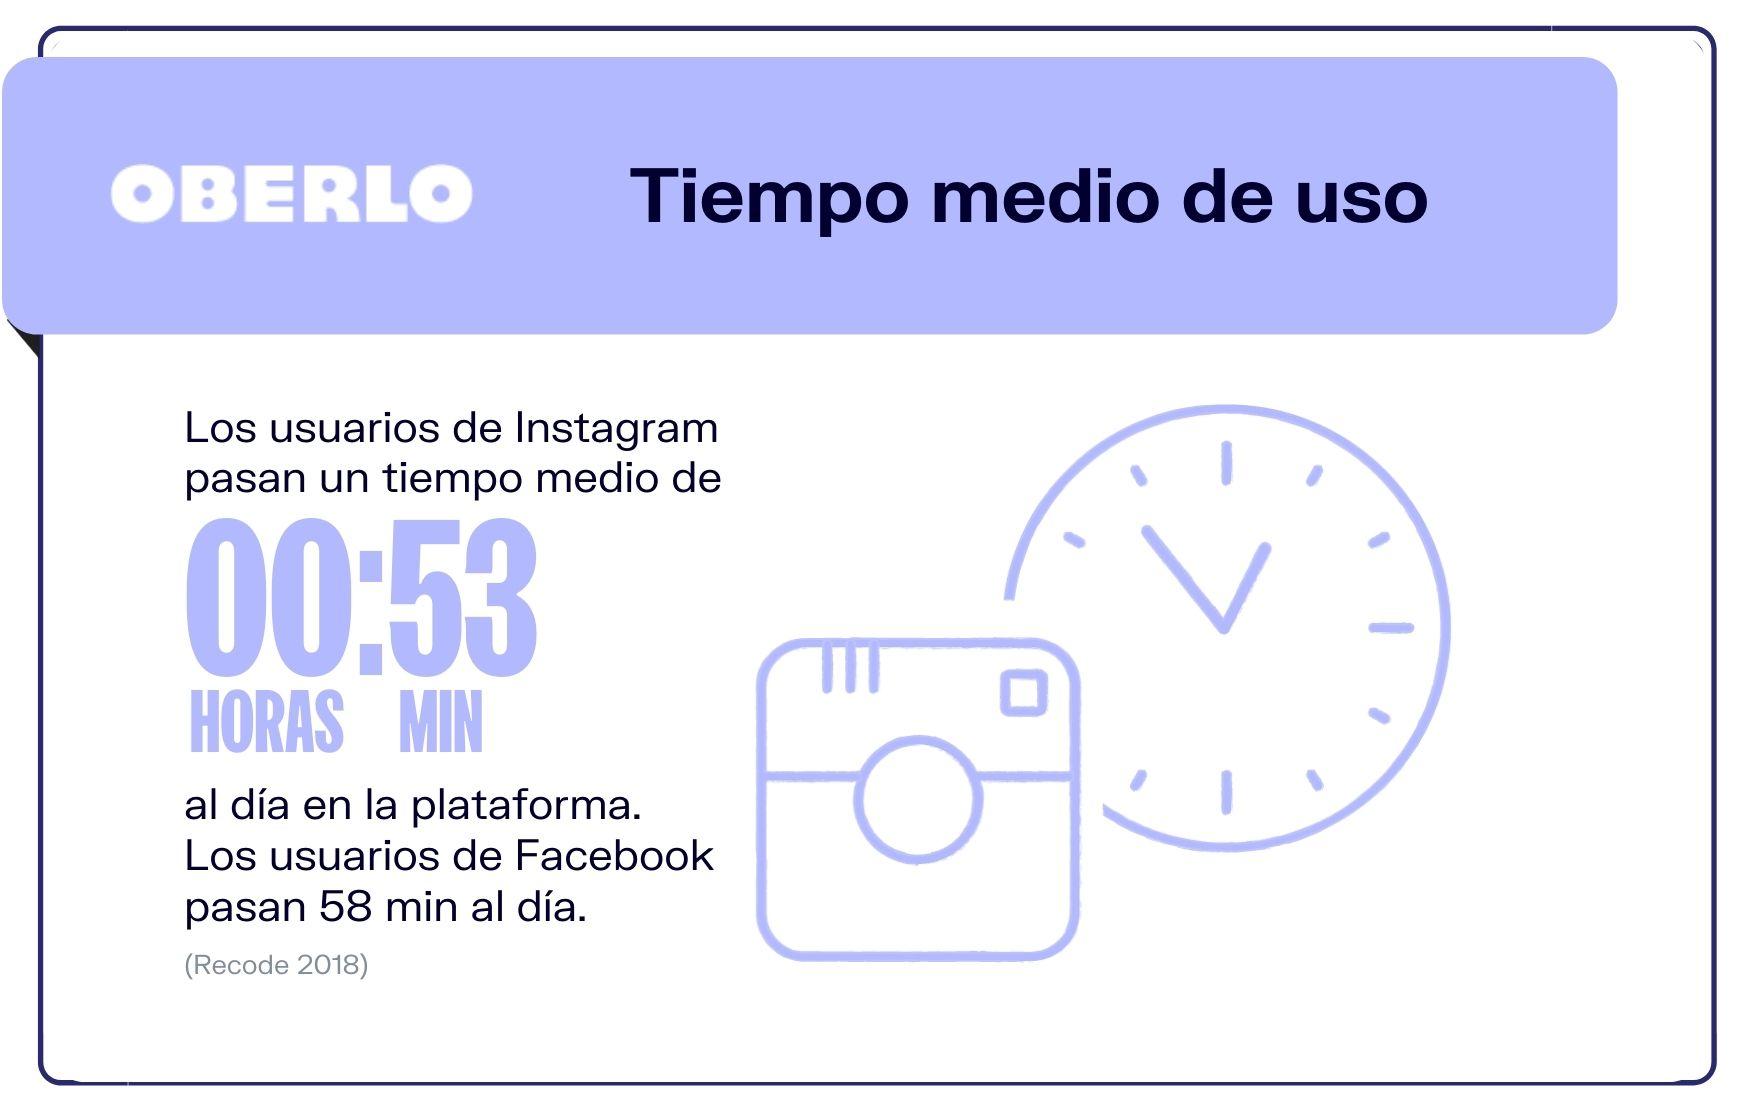 ¿Cuánto tiempo pasan los usuarios en Instagram?